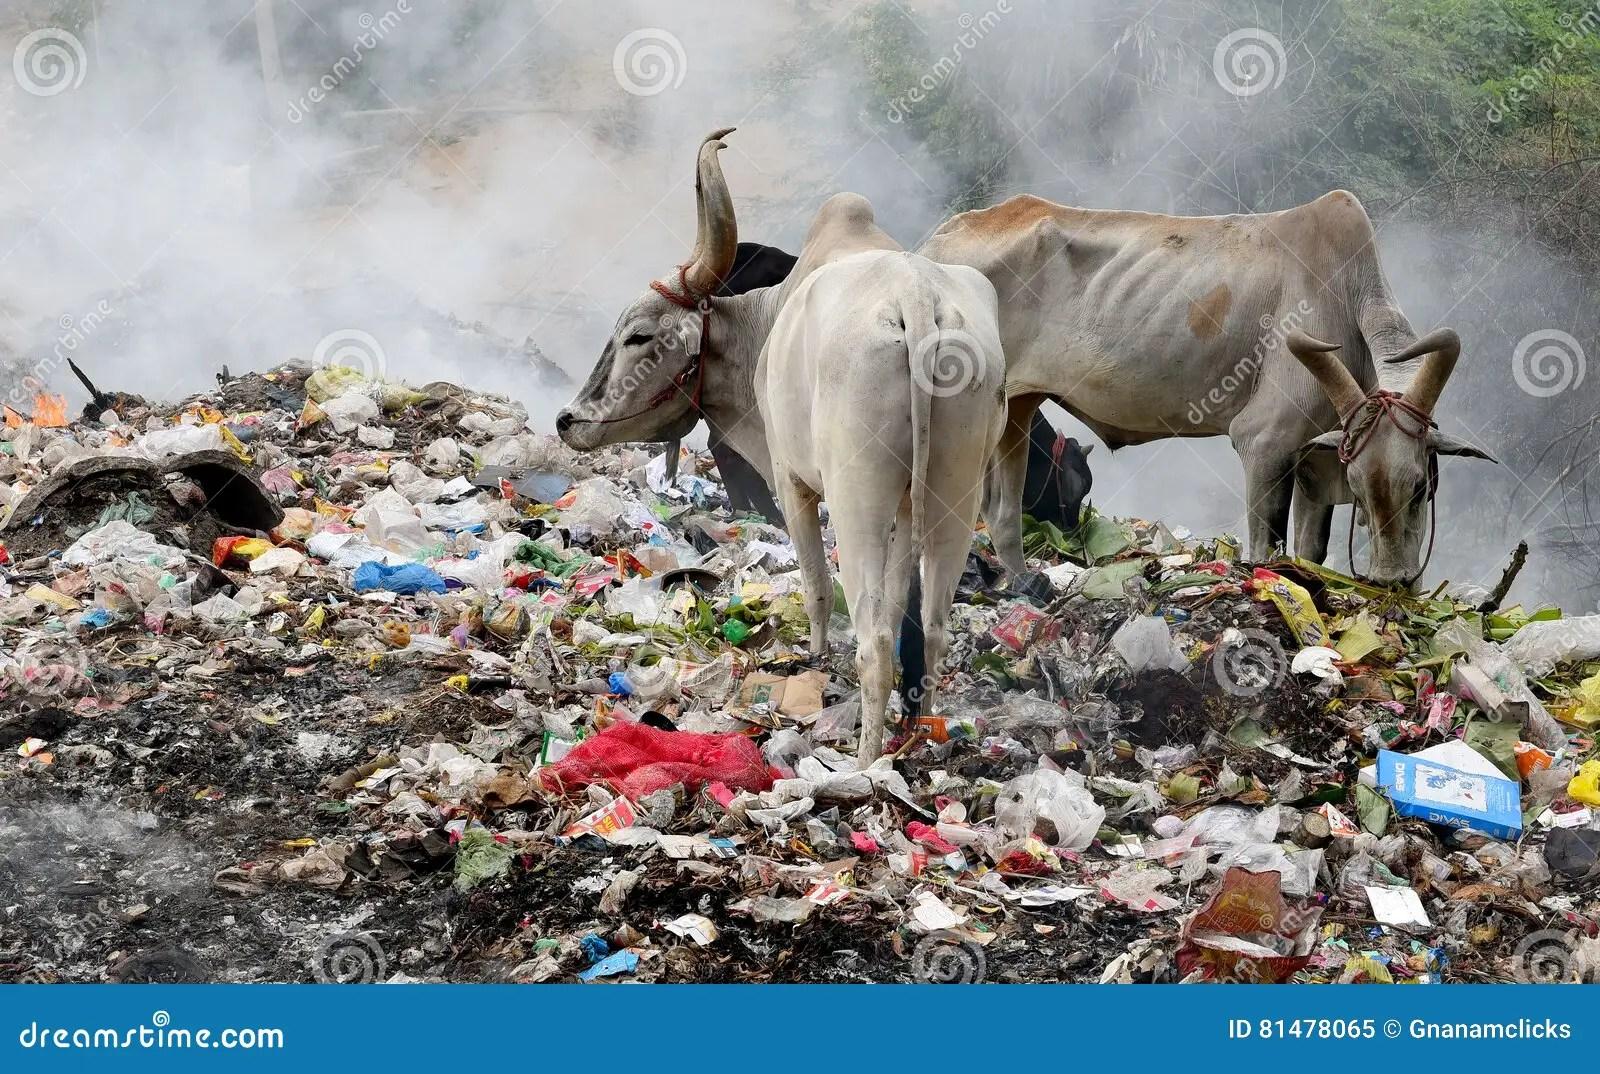 Pollution On Land Worksheet